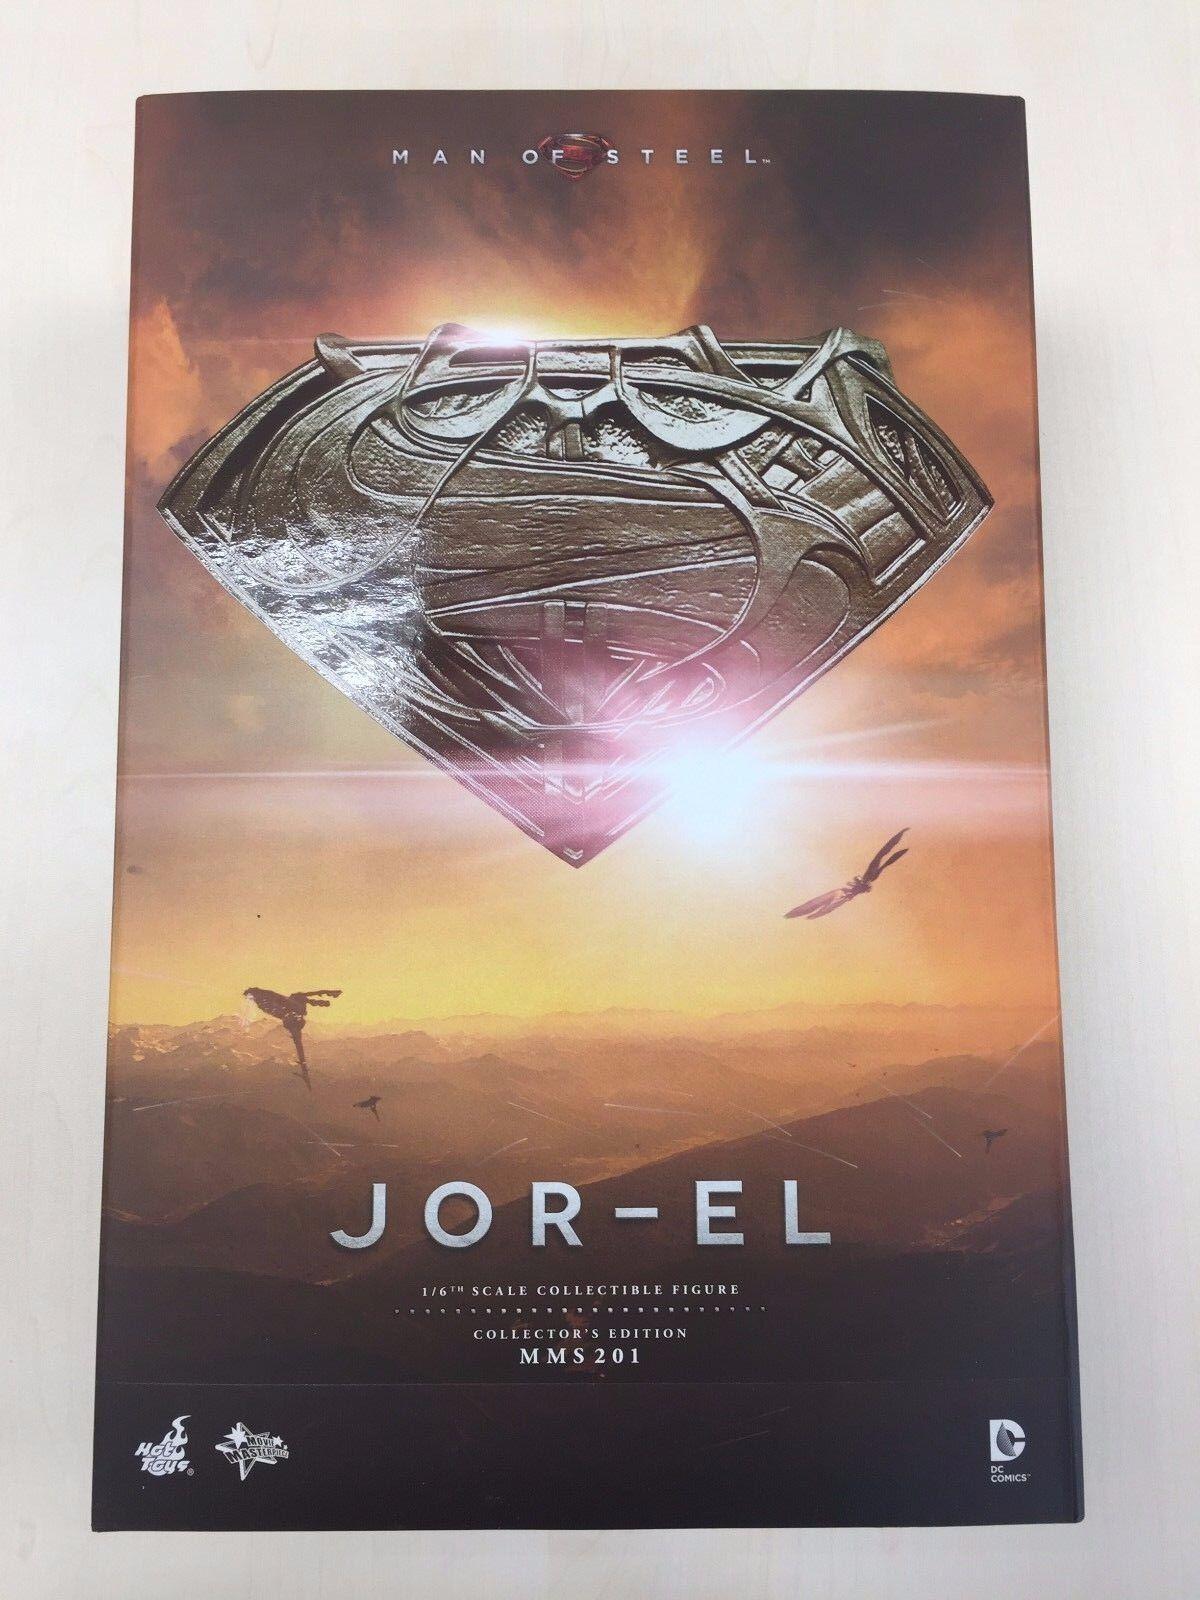 Hot Toys MMS 201 Man of Steel Superman Jor-El Russell Crowe 12 in (environ 30.48 cm) FIGURE NEW